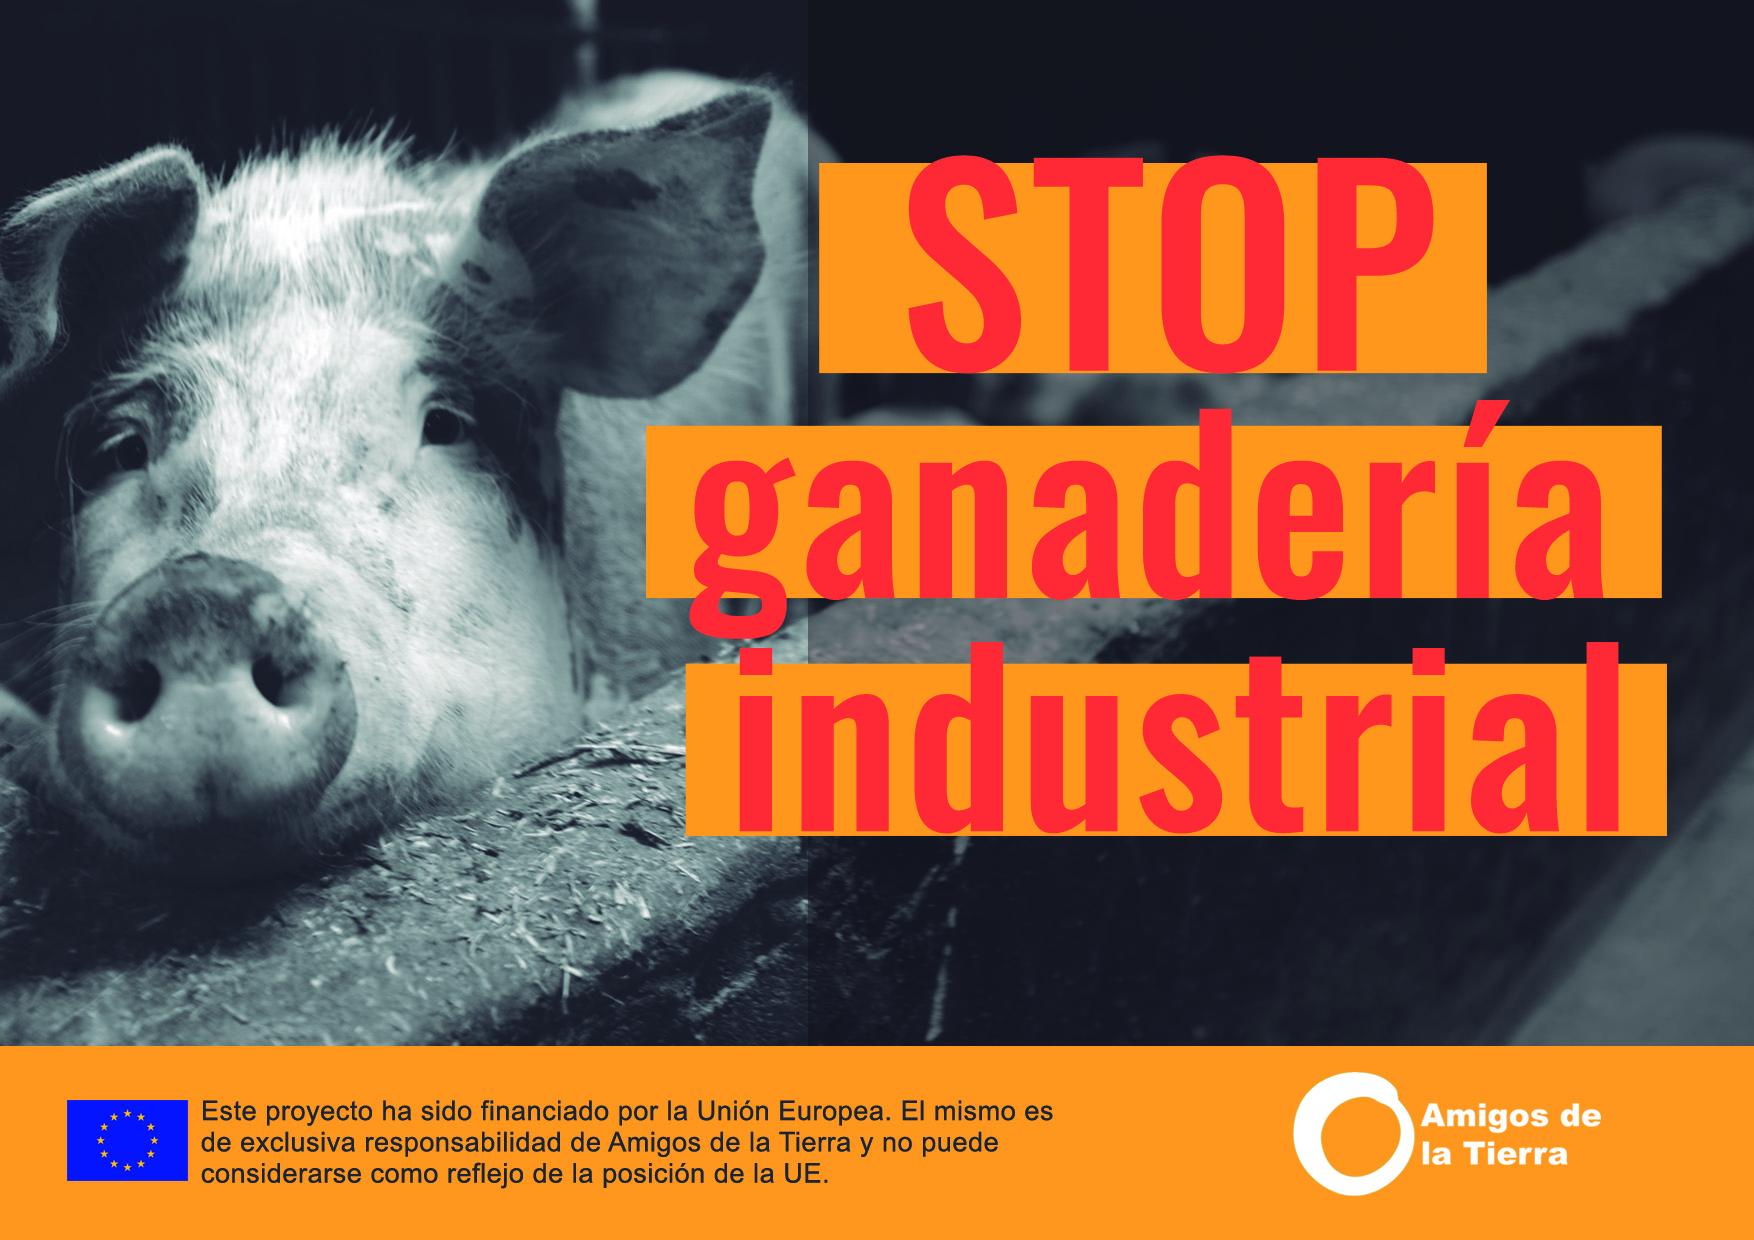 Ir a Madrid: Exposición itinerante sobre la Ganadería y Alimentación (Mares Villaverde Alto)